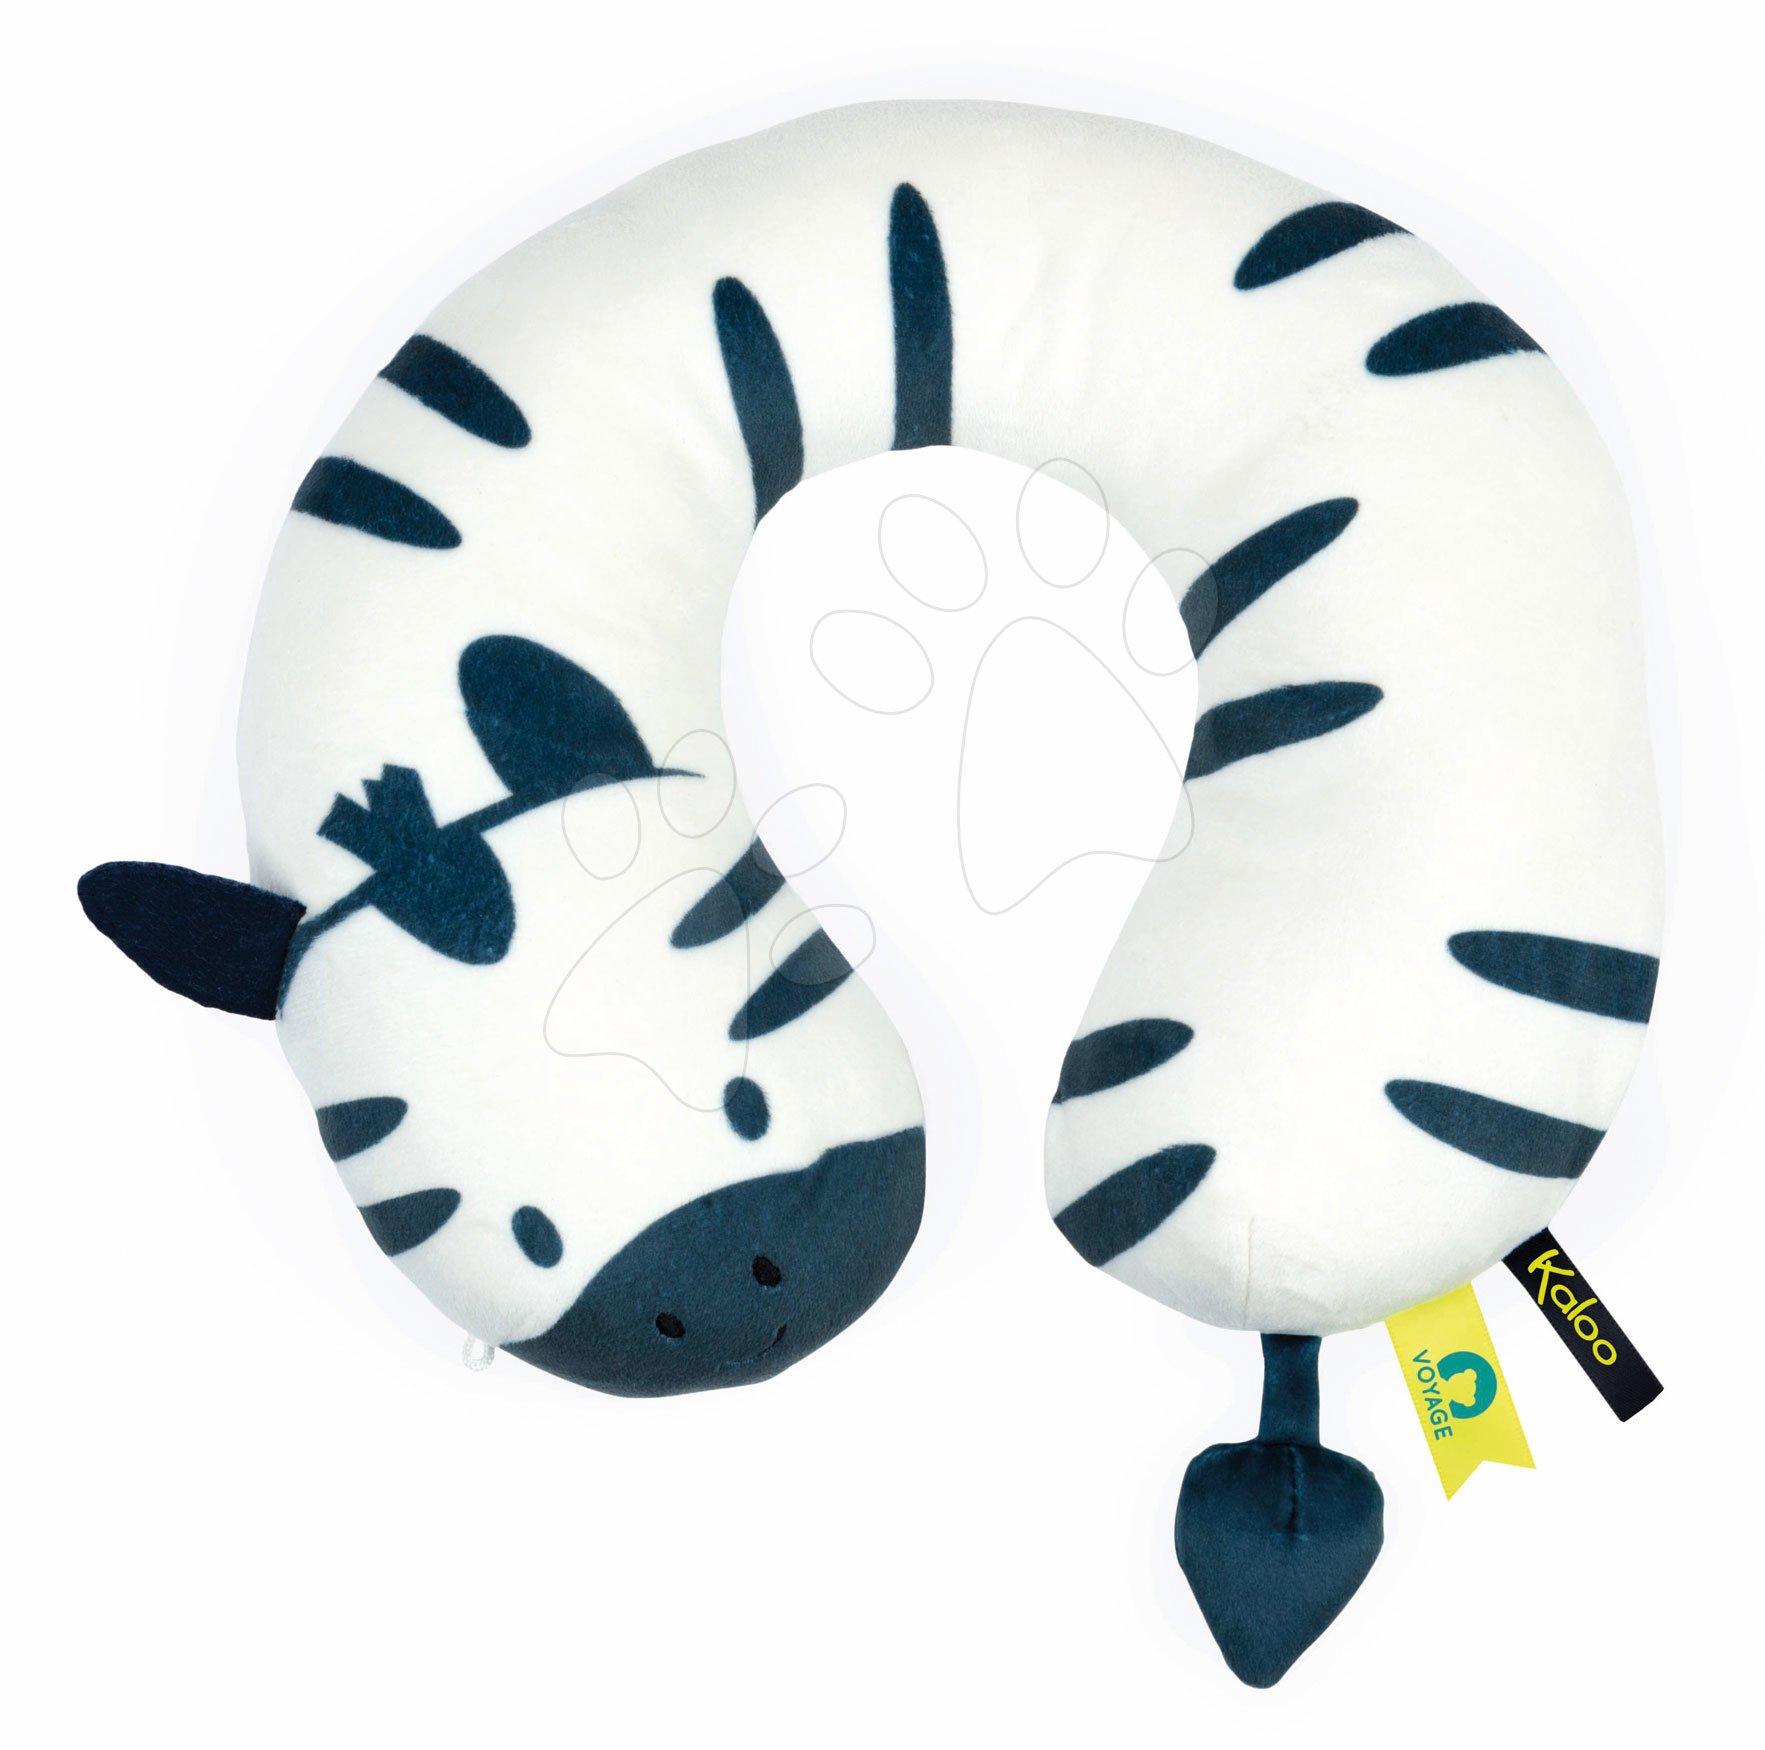 Cestovný vankúš Zebra My Head Support Cushion Home Kaloo pre deti od 6 mes